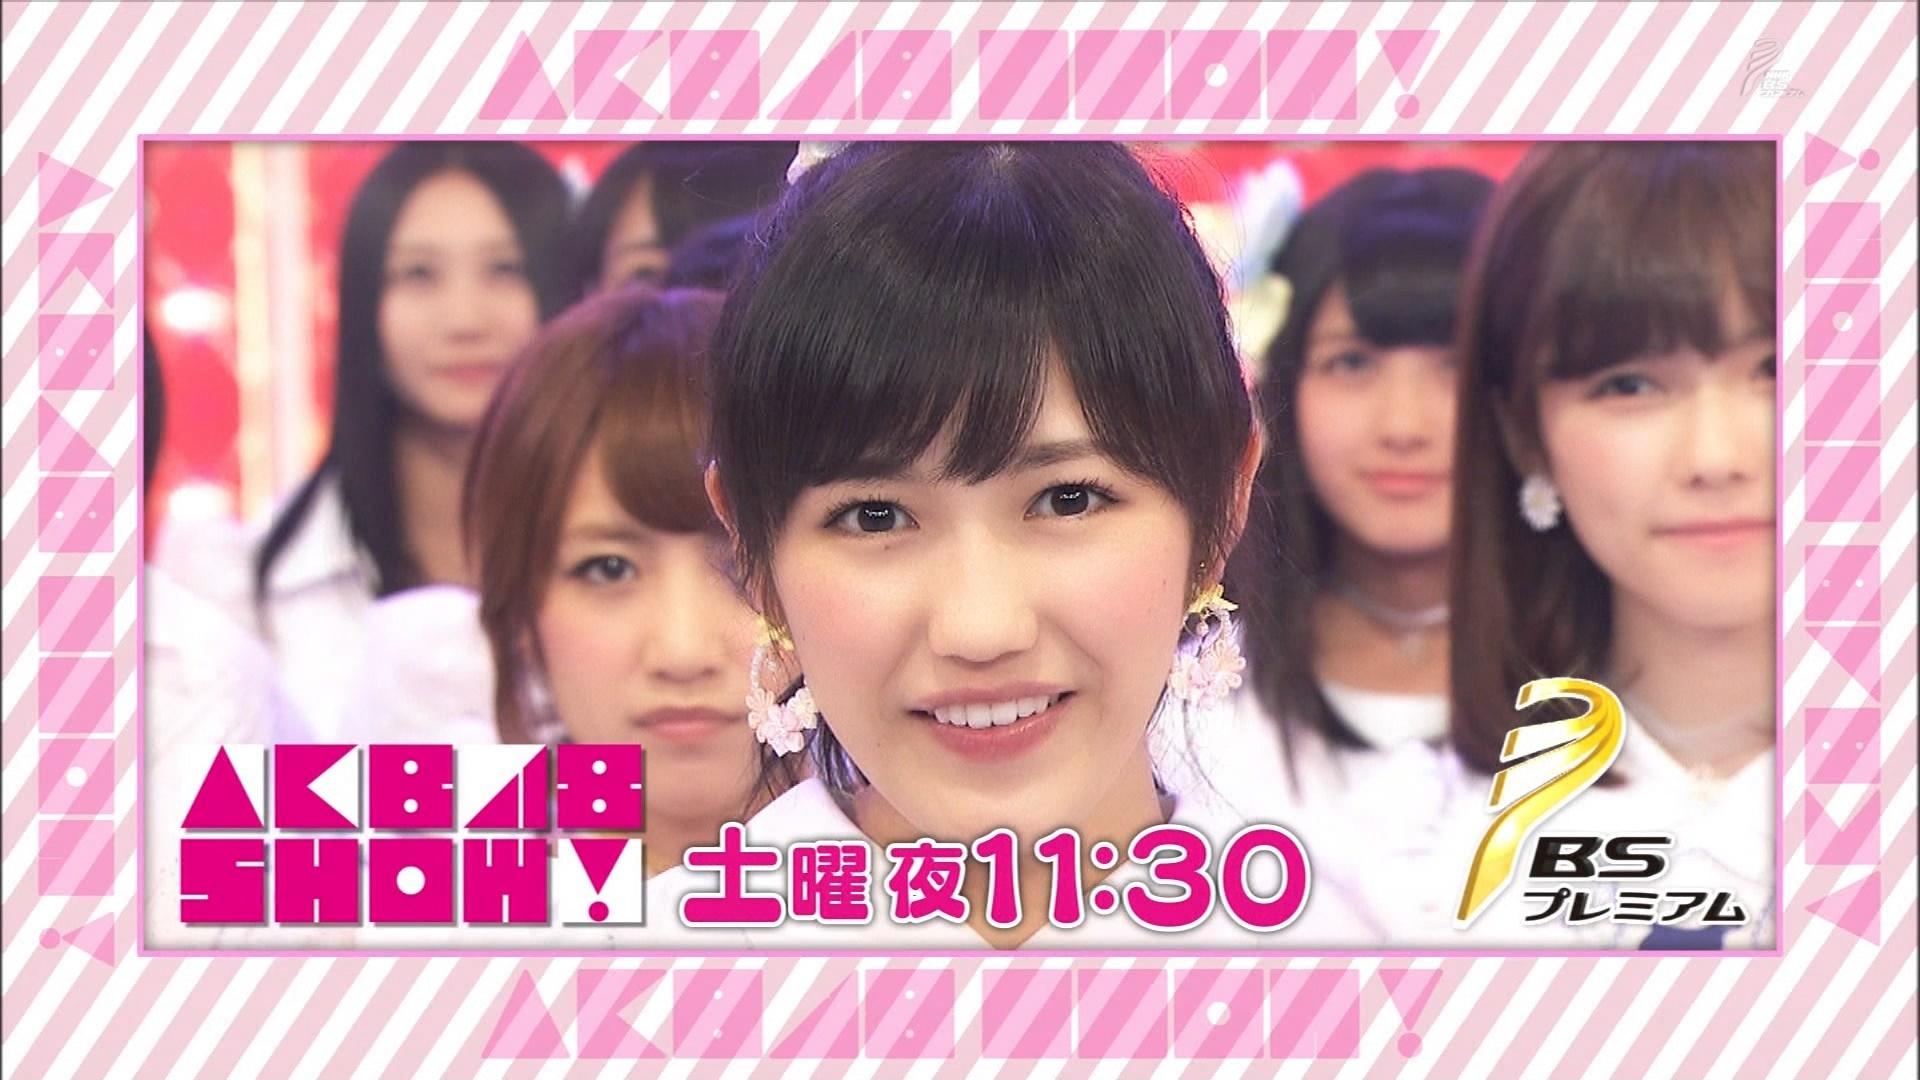 渡辺麻友SHOW!予告 AKB48SHOW! 20140906 (19)